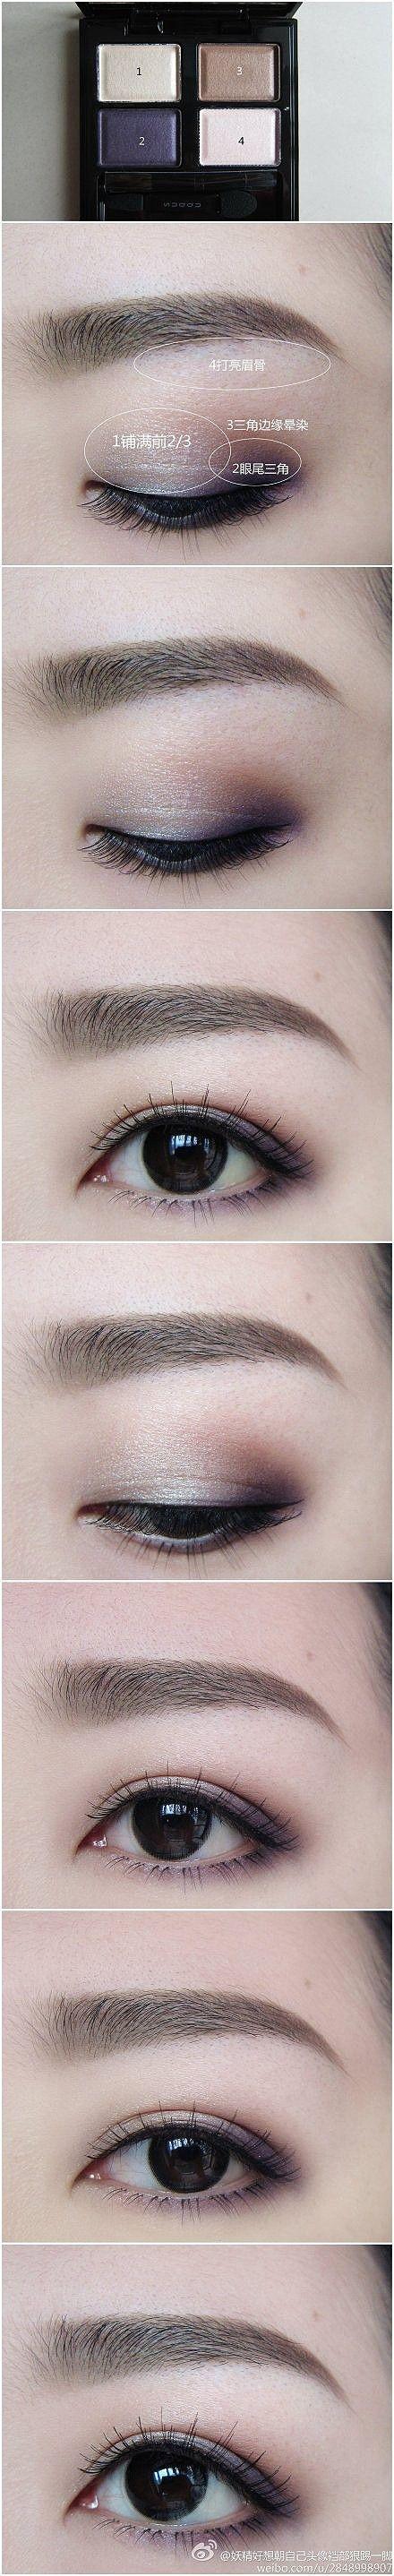 #고급스러운레이디기업가 #ClassyLadyEntrepreneur Get that one eye shadow palette that creates the extraordinary look - Asia makeup tutorial ✨www.SkincareInKorea.info ✨www.DebbieKrug.org